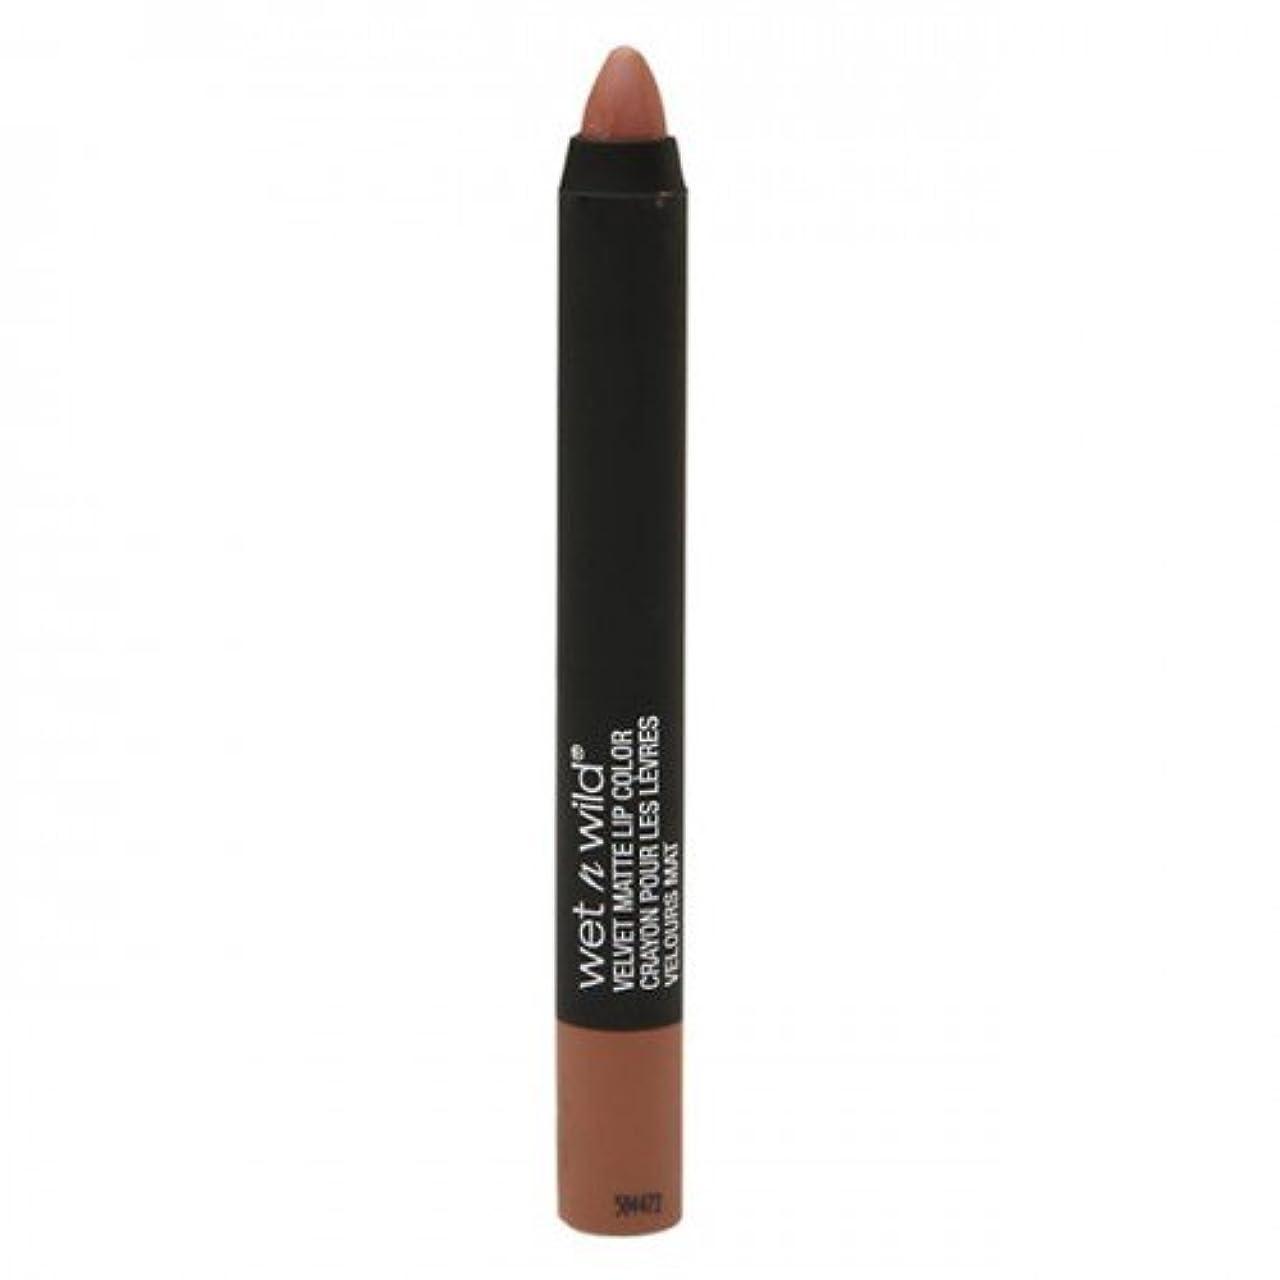 ハドル刃忠実な(6 Pack) WET N WILD Velvet Matte Lip Color - Toffee Frappe (並行輸入品)